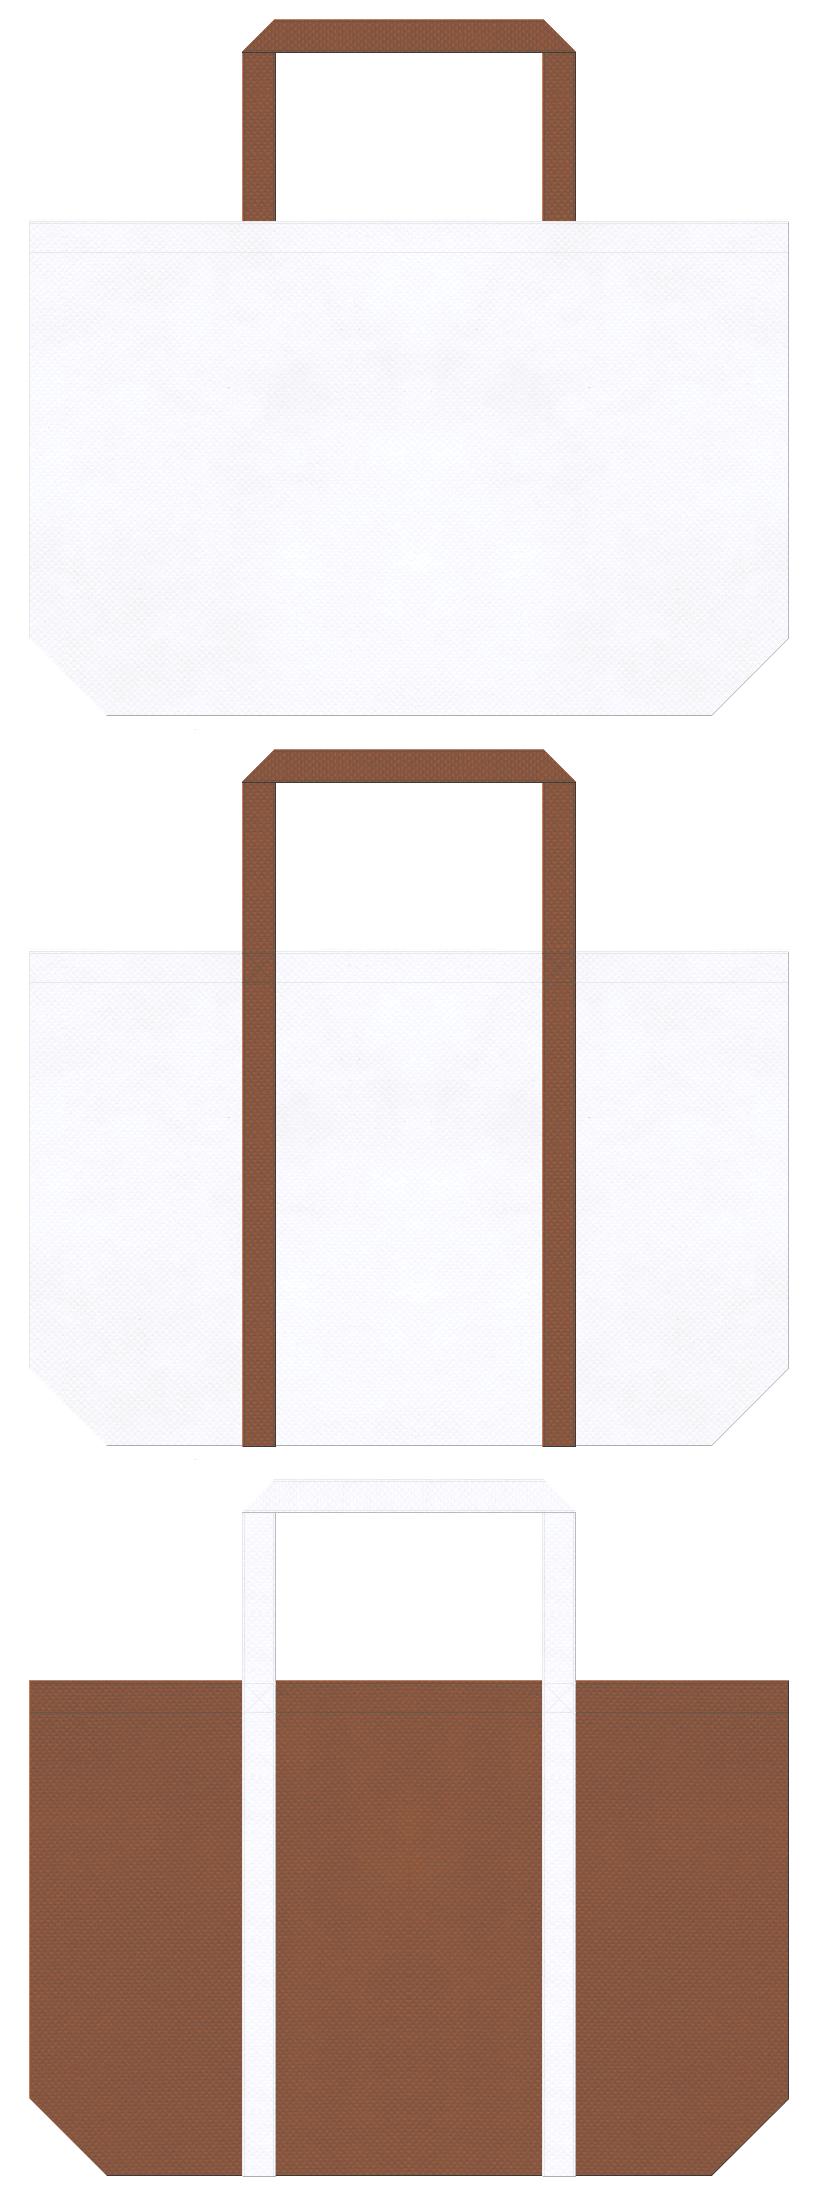 展示会用バッグ・木・木工・工作・DIYイベント・林業・農学部・・学校・学園・オープンキャンパス・スイーツ・保冷バッグにお奨めの不織布バッグデザイン:白色と茶色のコーデ